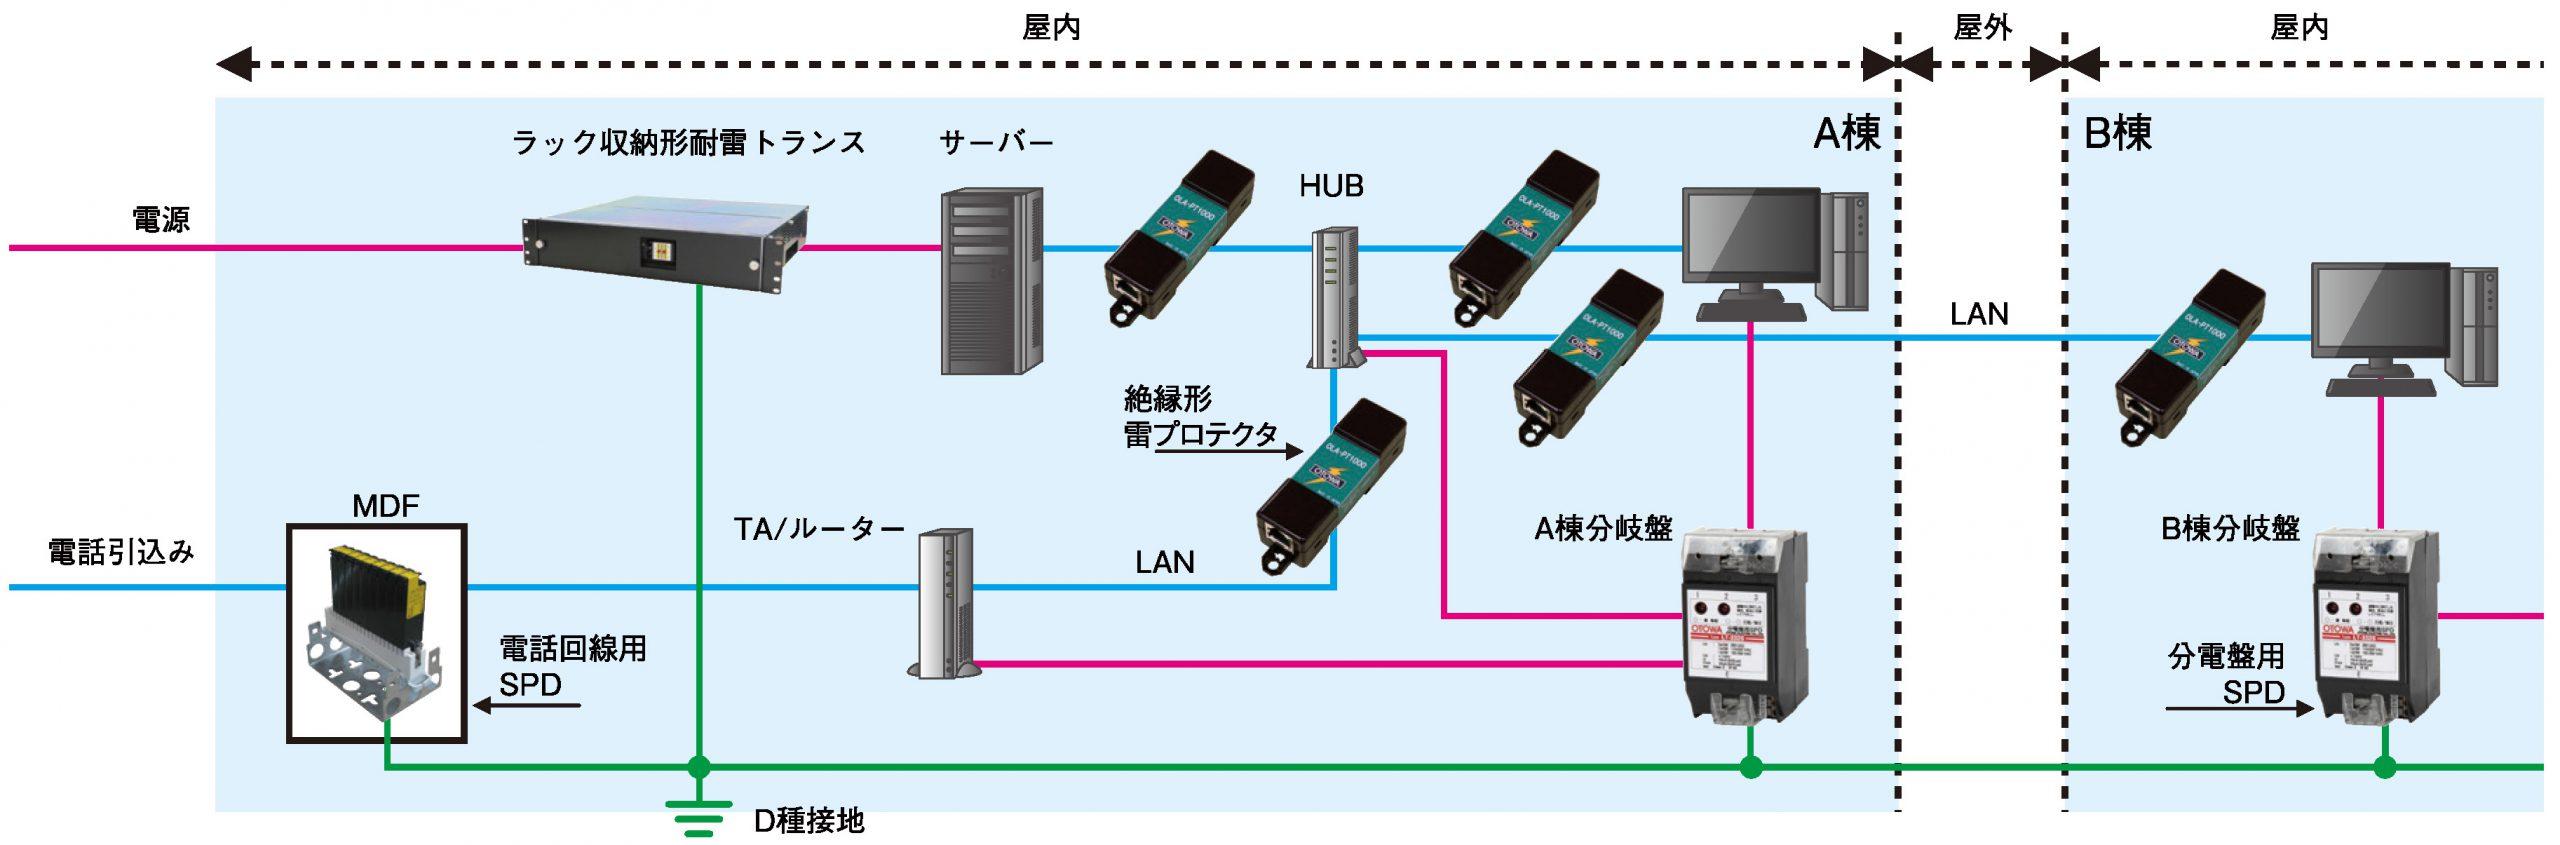 LANの雷対策